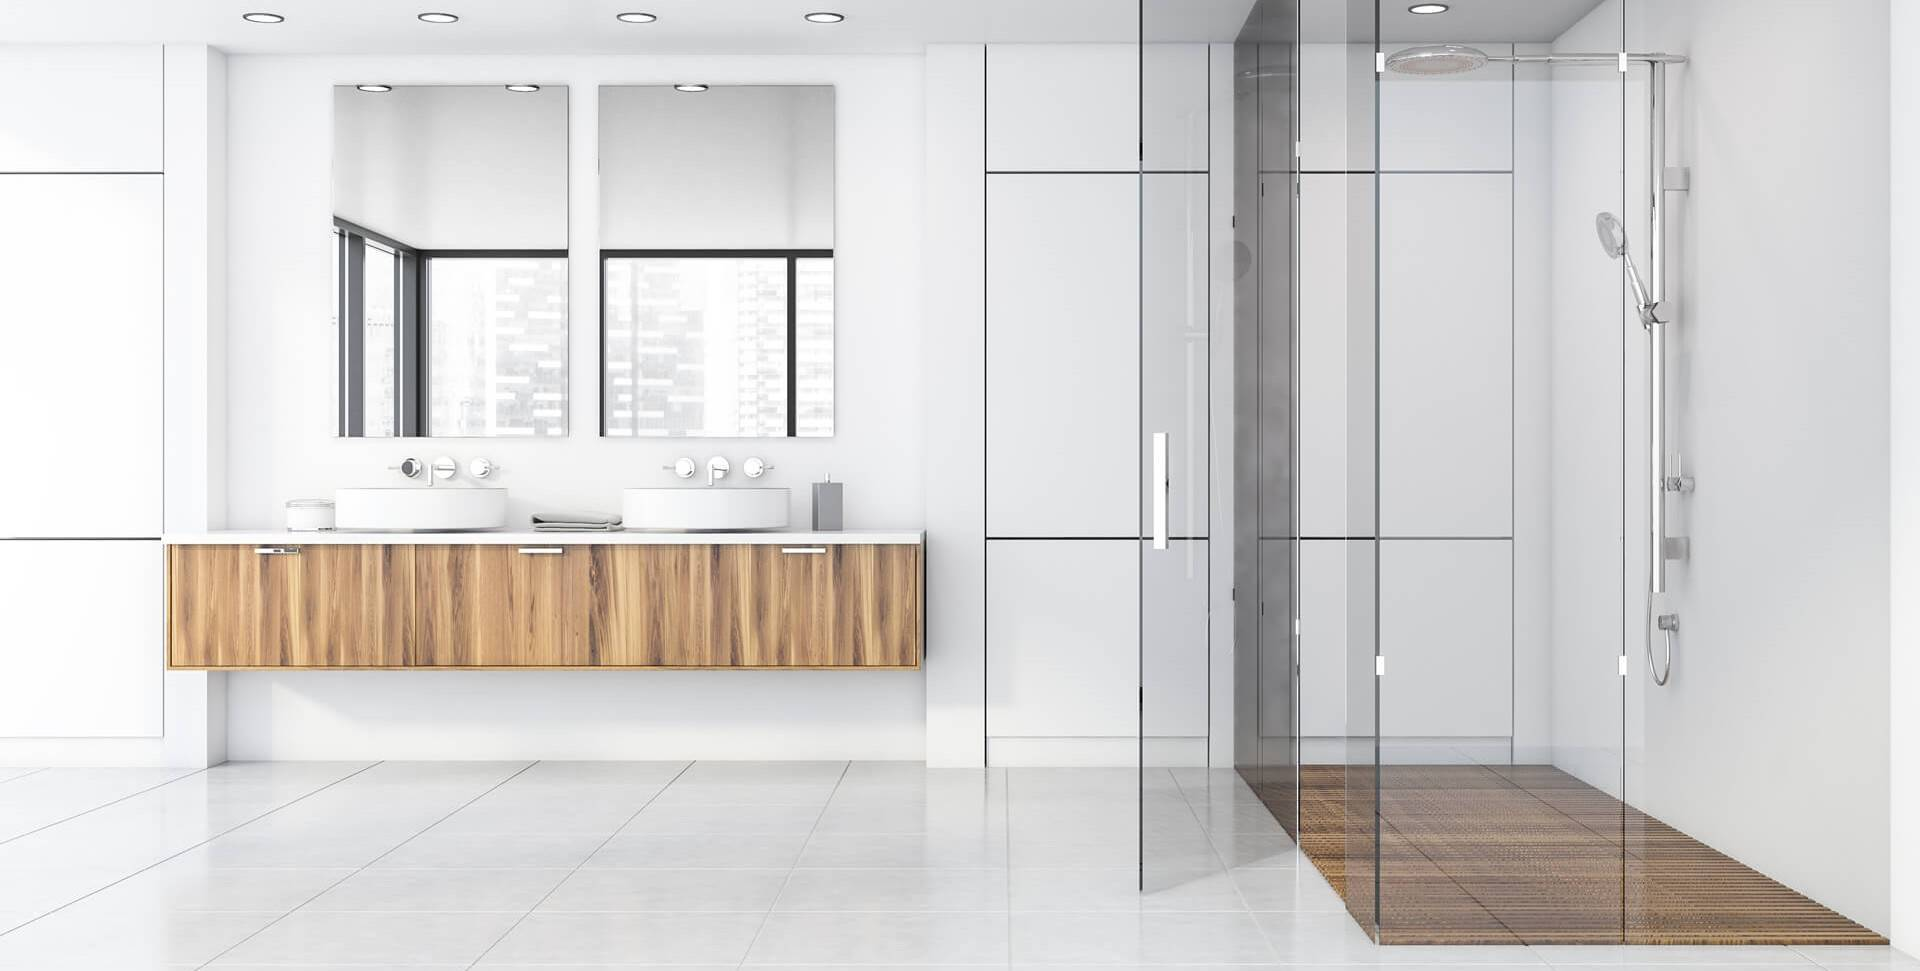 Full Size of Glastrennwand Dusche Glasduschen Bodengleich Walkin Duschen Kaufen Schulte Werksverkauf Bodengleiche Nachträglich Einbauen Ebenerdige Rainshower Moderne Grohe Dusche Glastrennwand Dusche